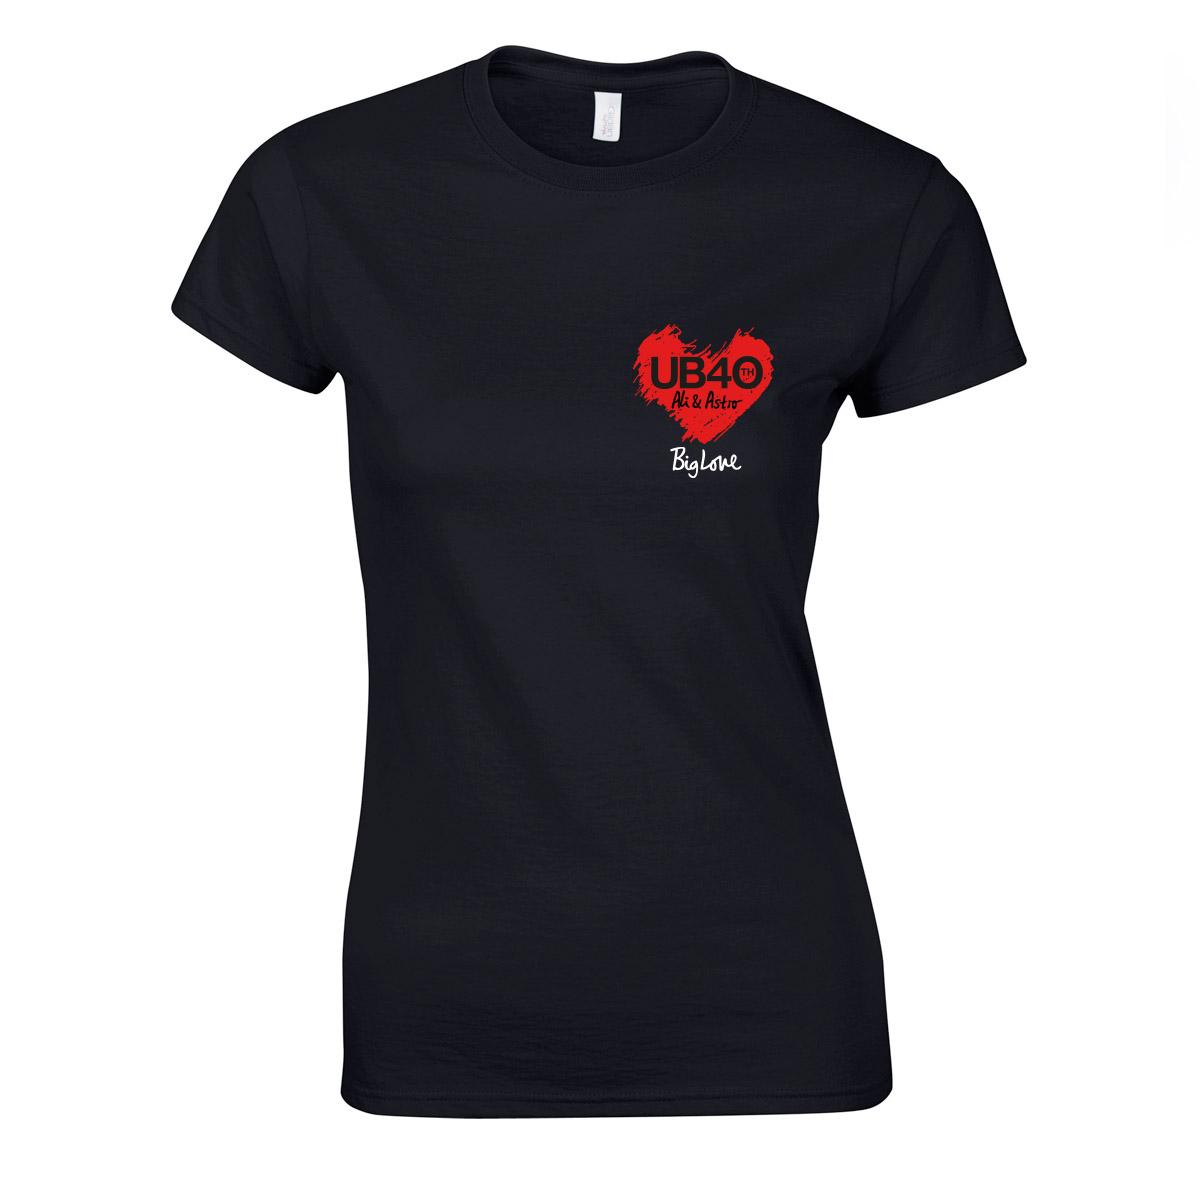 Big Love - Ladies Black Tee - UB40